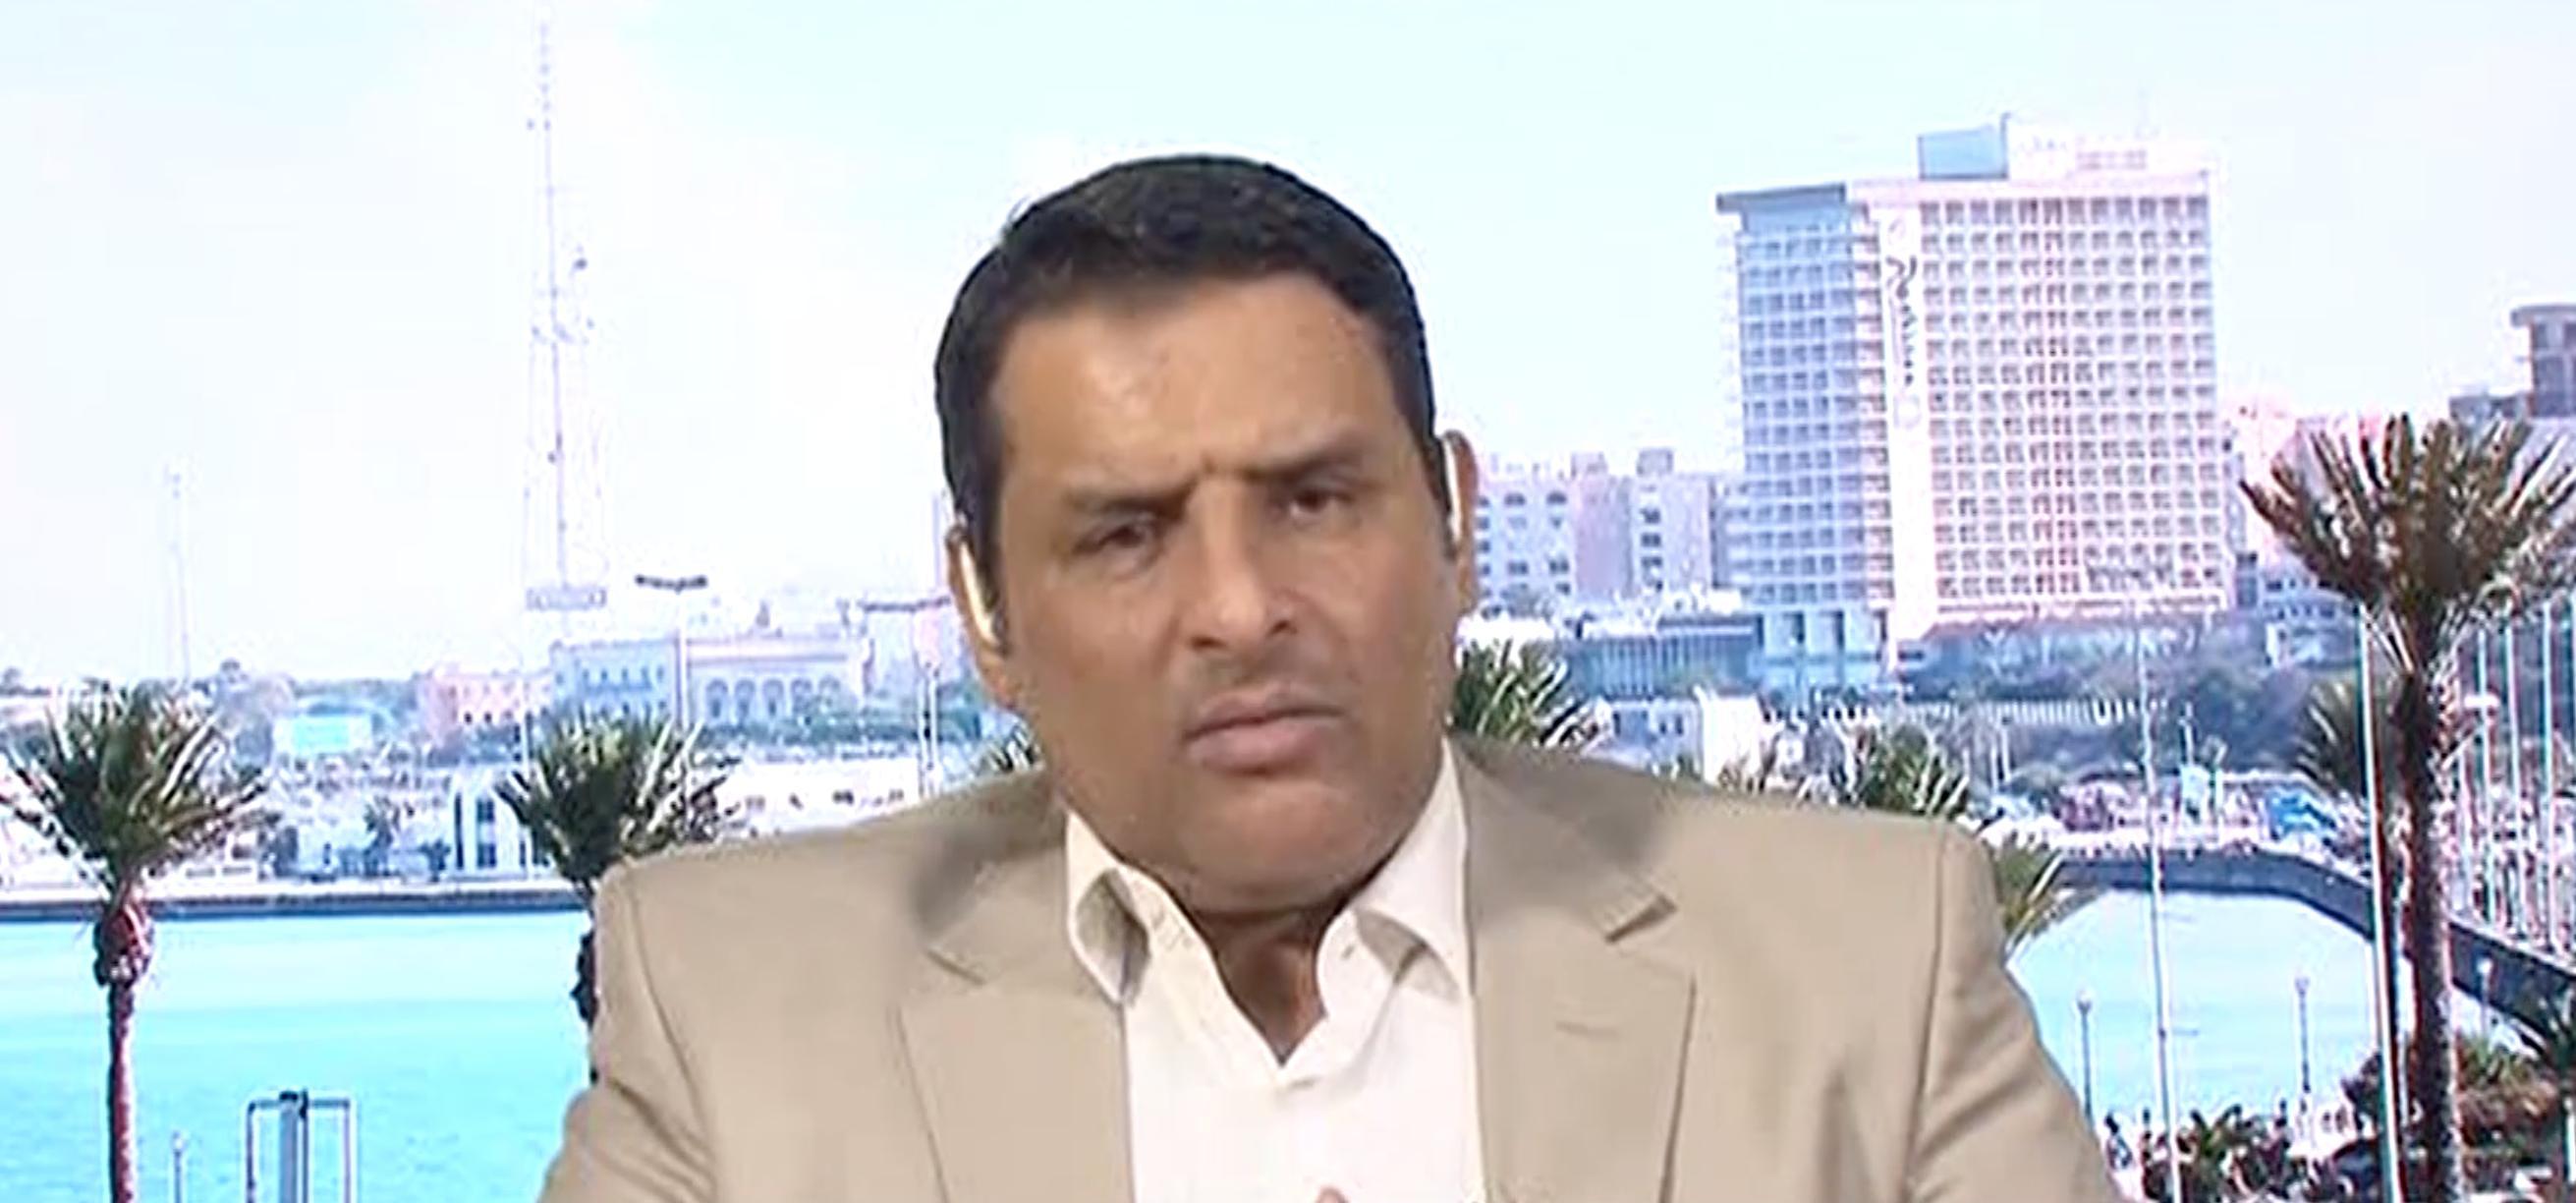 المحلل السياسي والمهتم بالشأن العام السنوسي إسماعيل